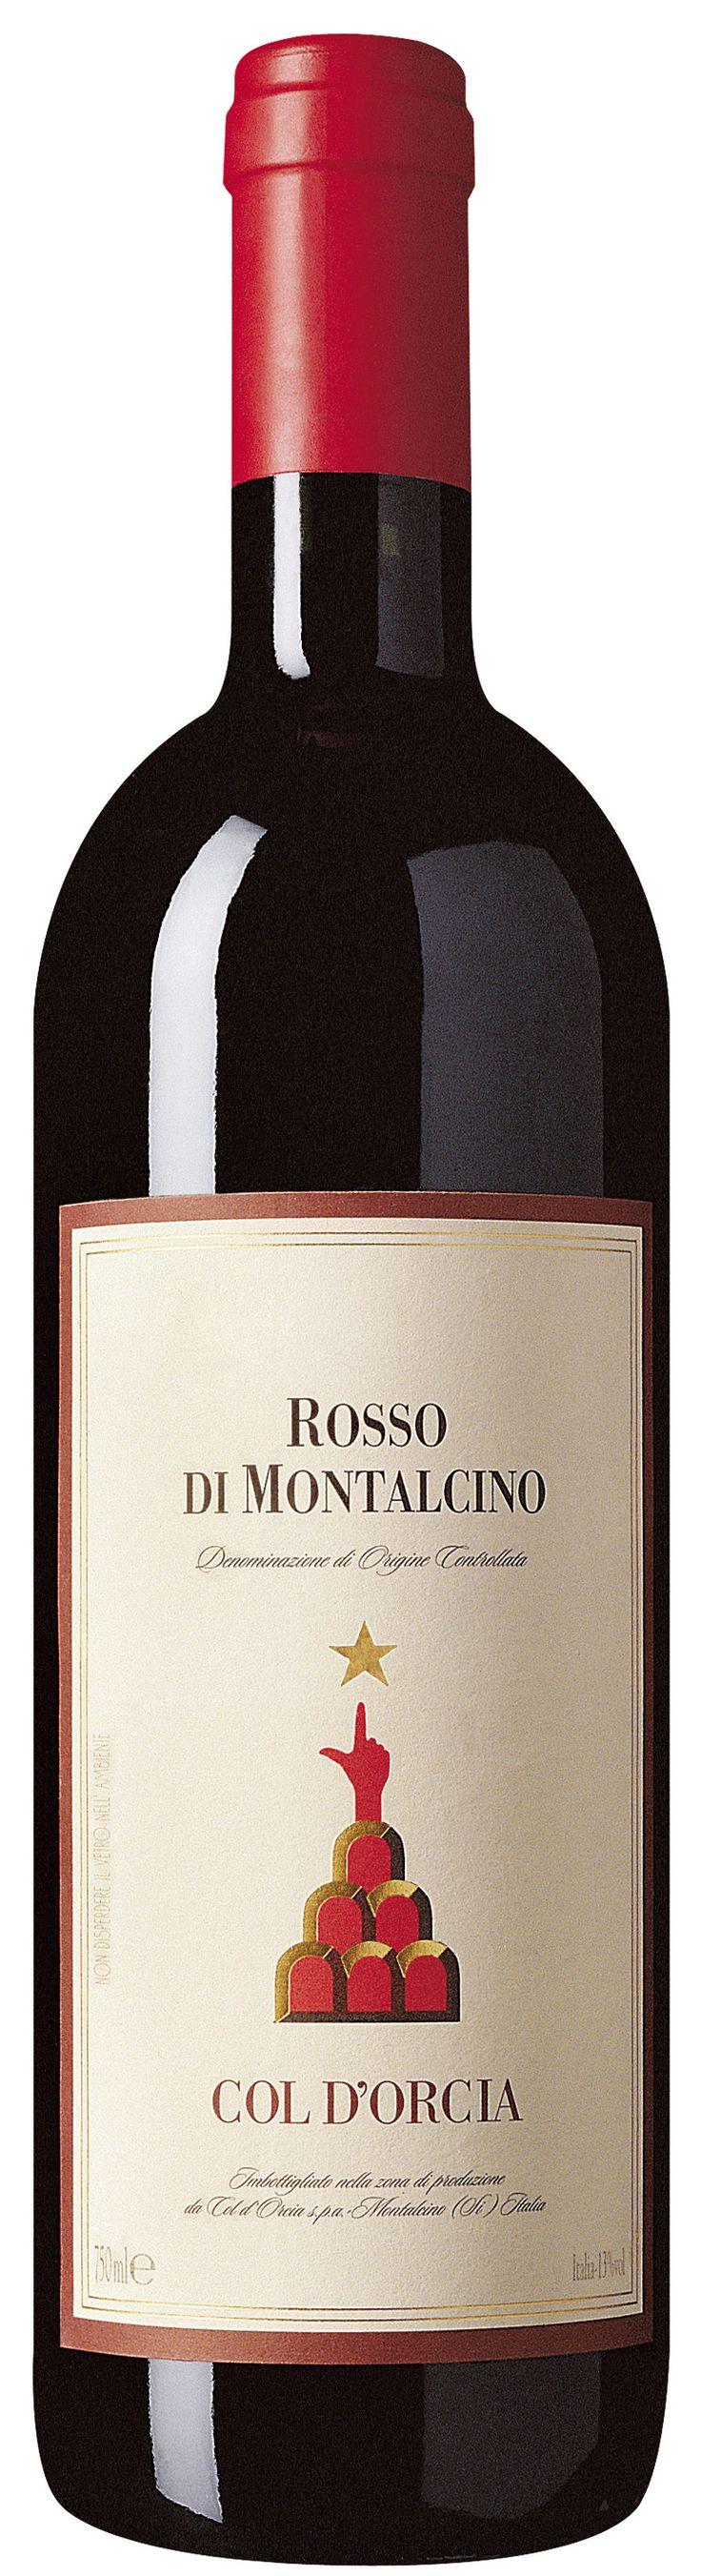 Il #Rosso di #Montalcino è oggi un #vino classico, fatto con uve Sangiovese in purezza, che esce un anno dopo la vendemmia così da mantenere tutta la freschezza e la fruttuosità di un vino giovane ma allo stesso tempo l'intensità di quel terroir che solo Montalcino è capace di trasmettere.